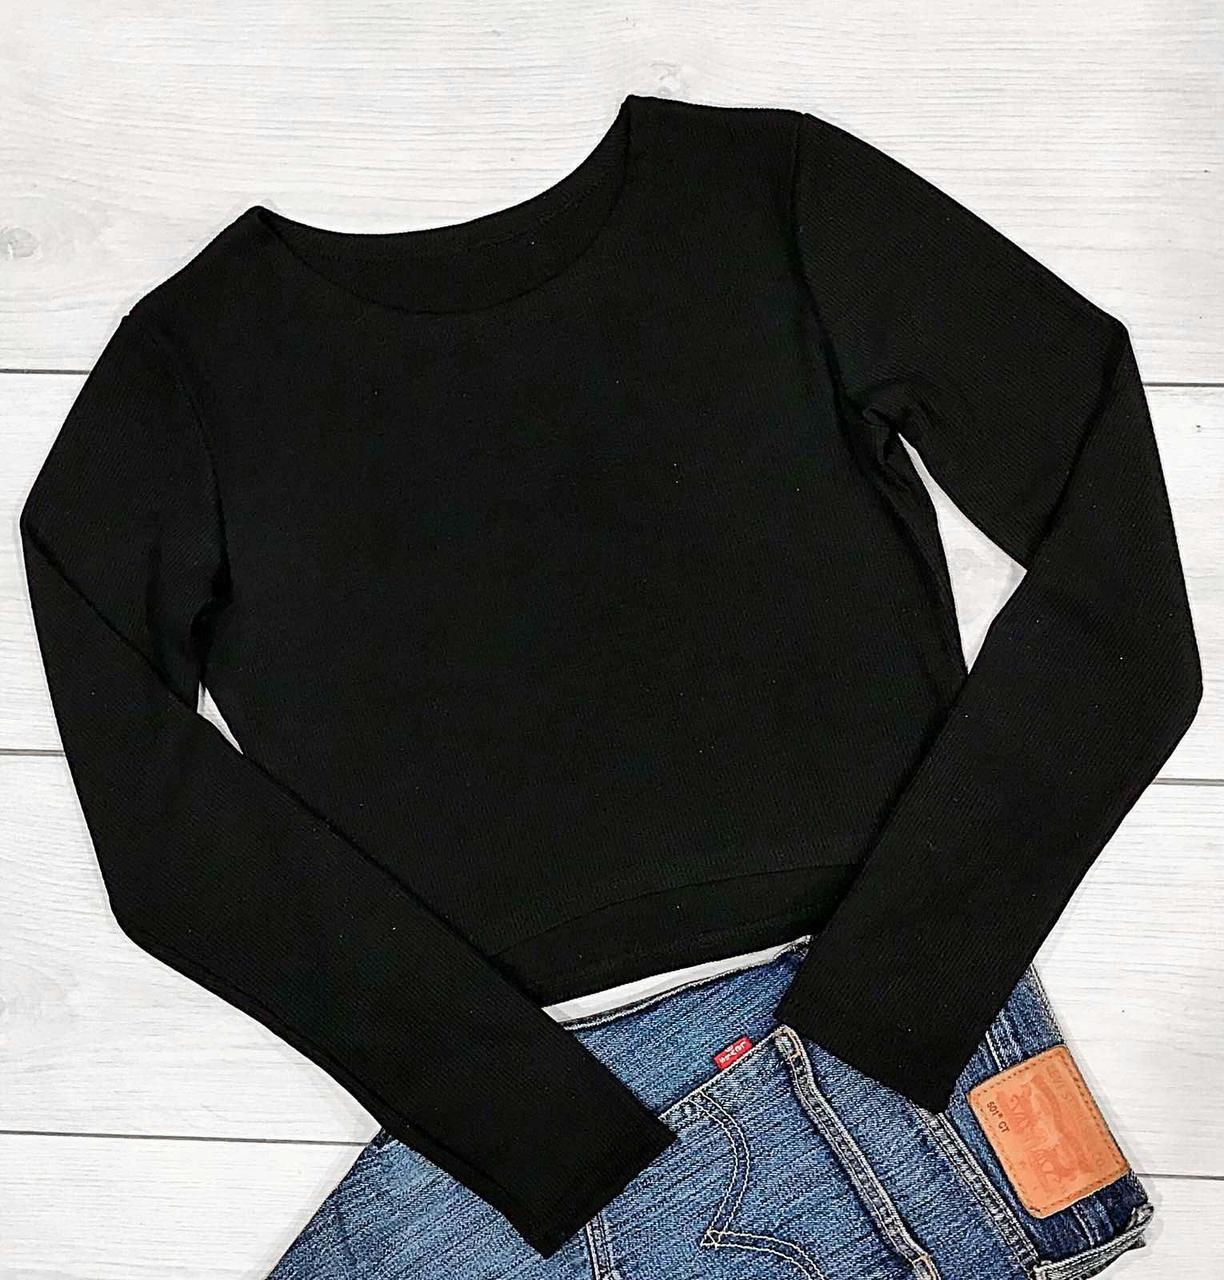 Женская укороченная кофта черного цвета с длинным рукавом.